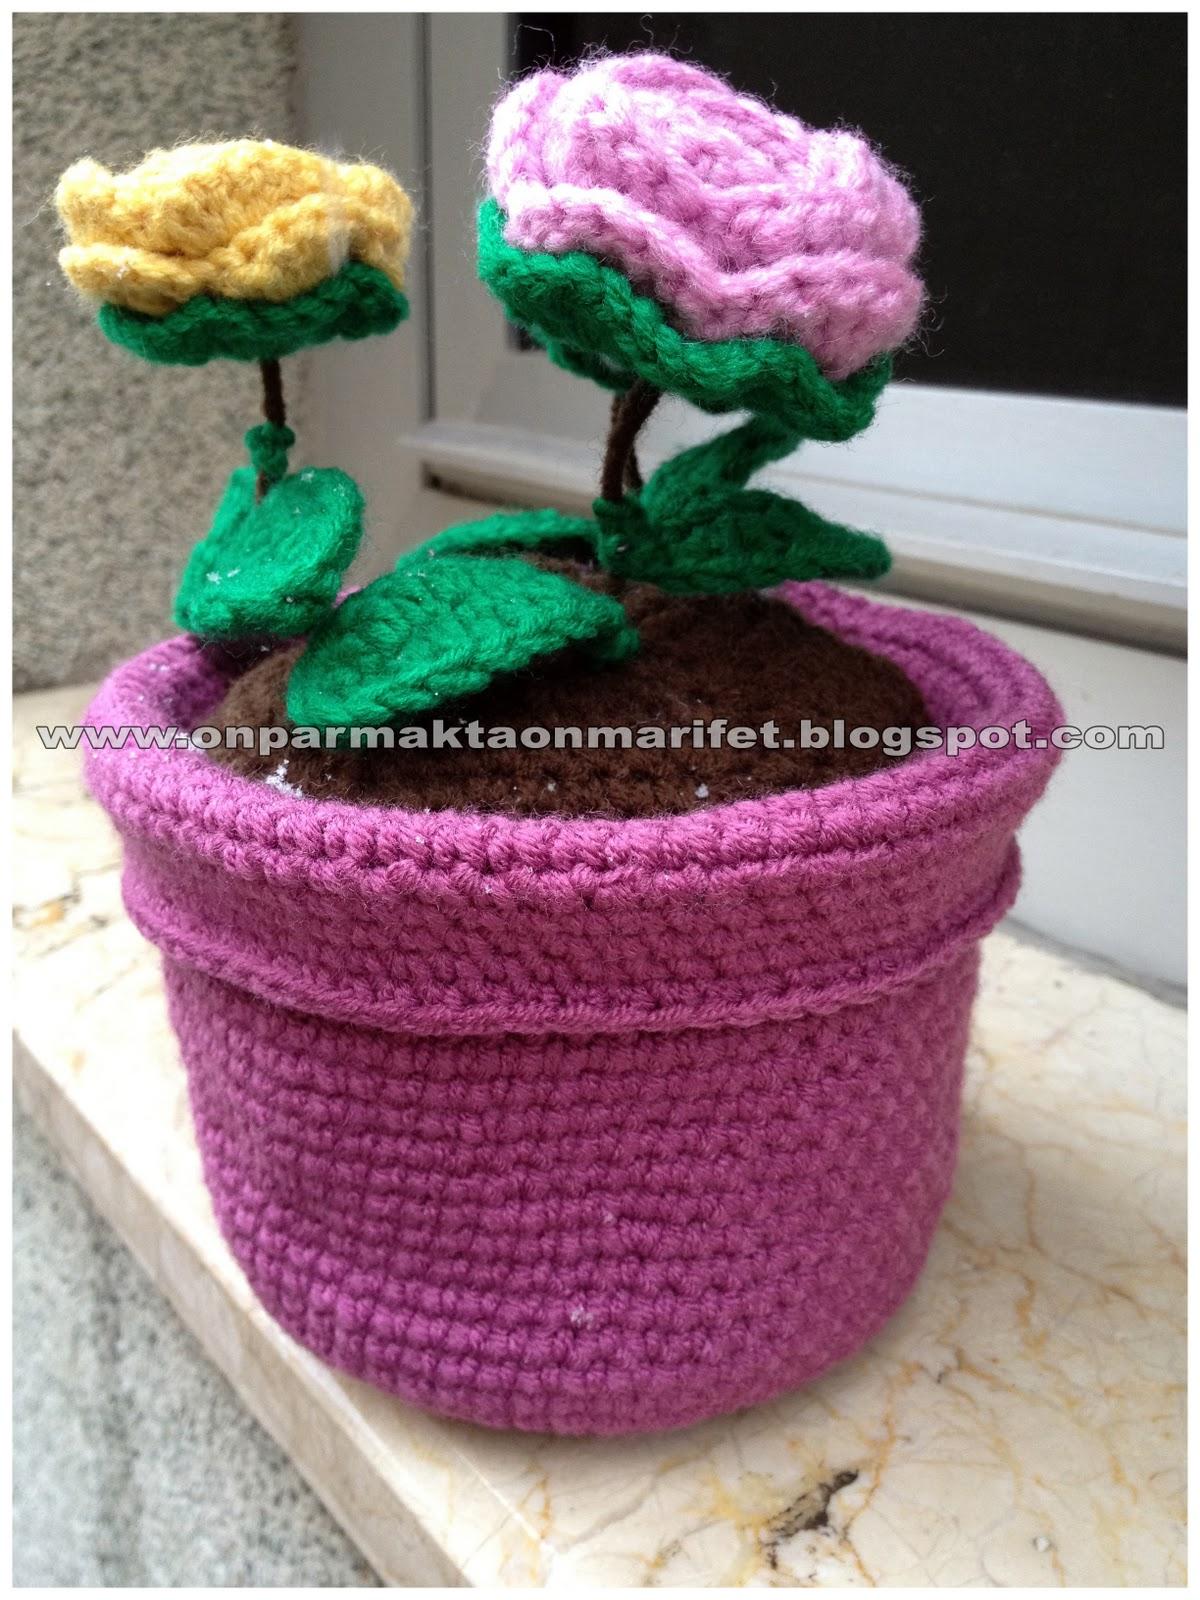 AMİGURUMİ SAKSIDA ÇİÇEK YAPIMI(Crochet making flower in flowerpot ... | 1600x1200